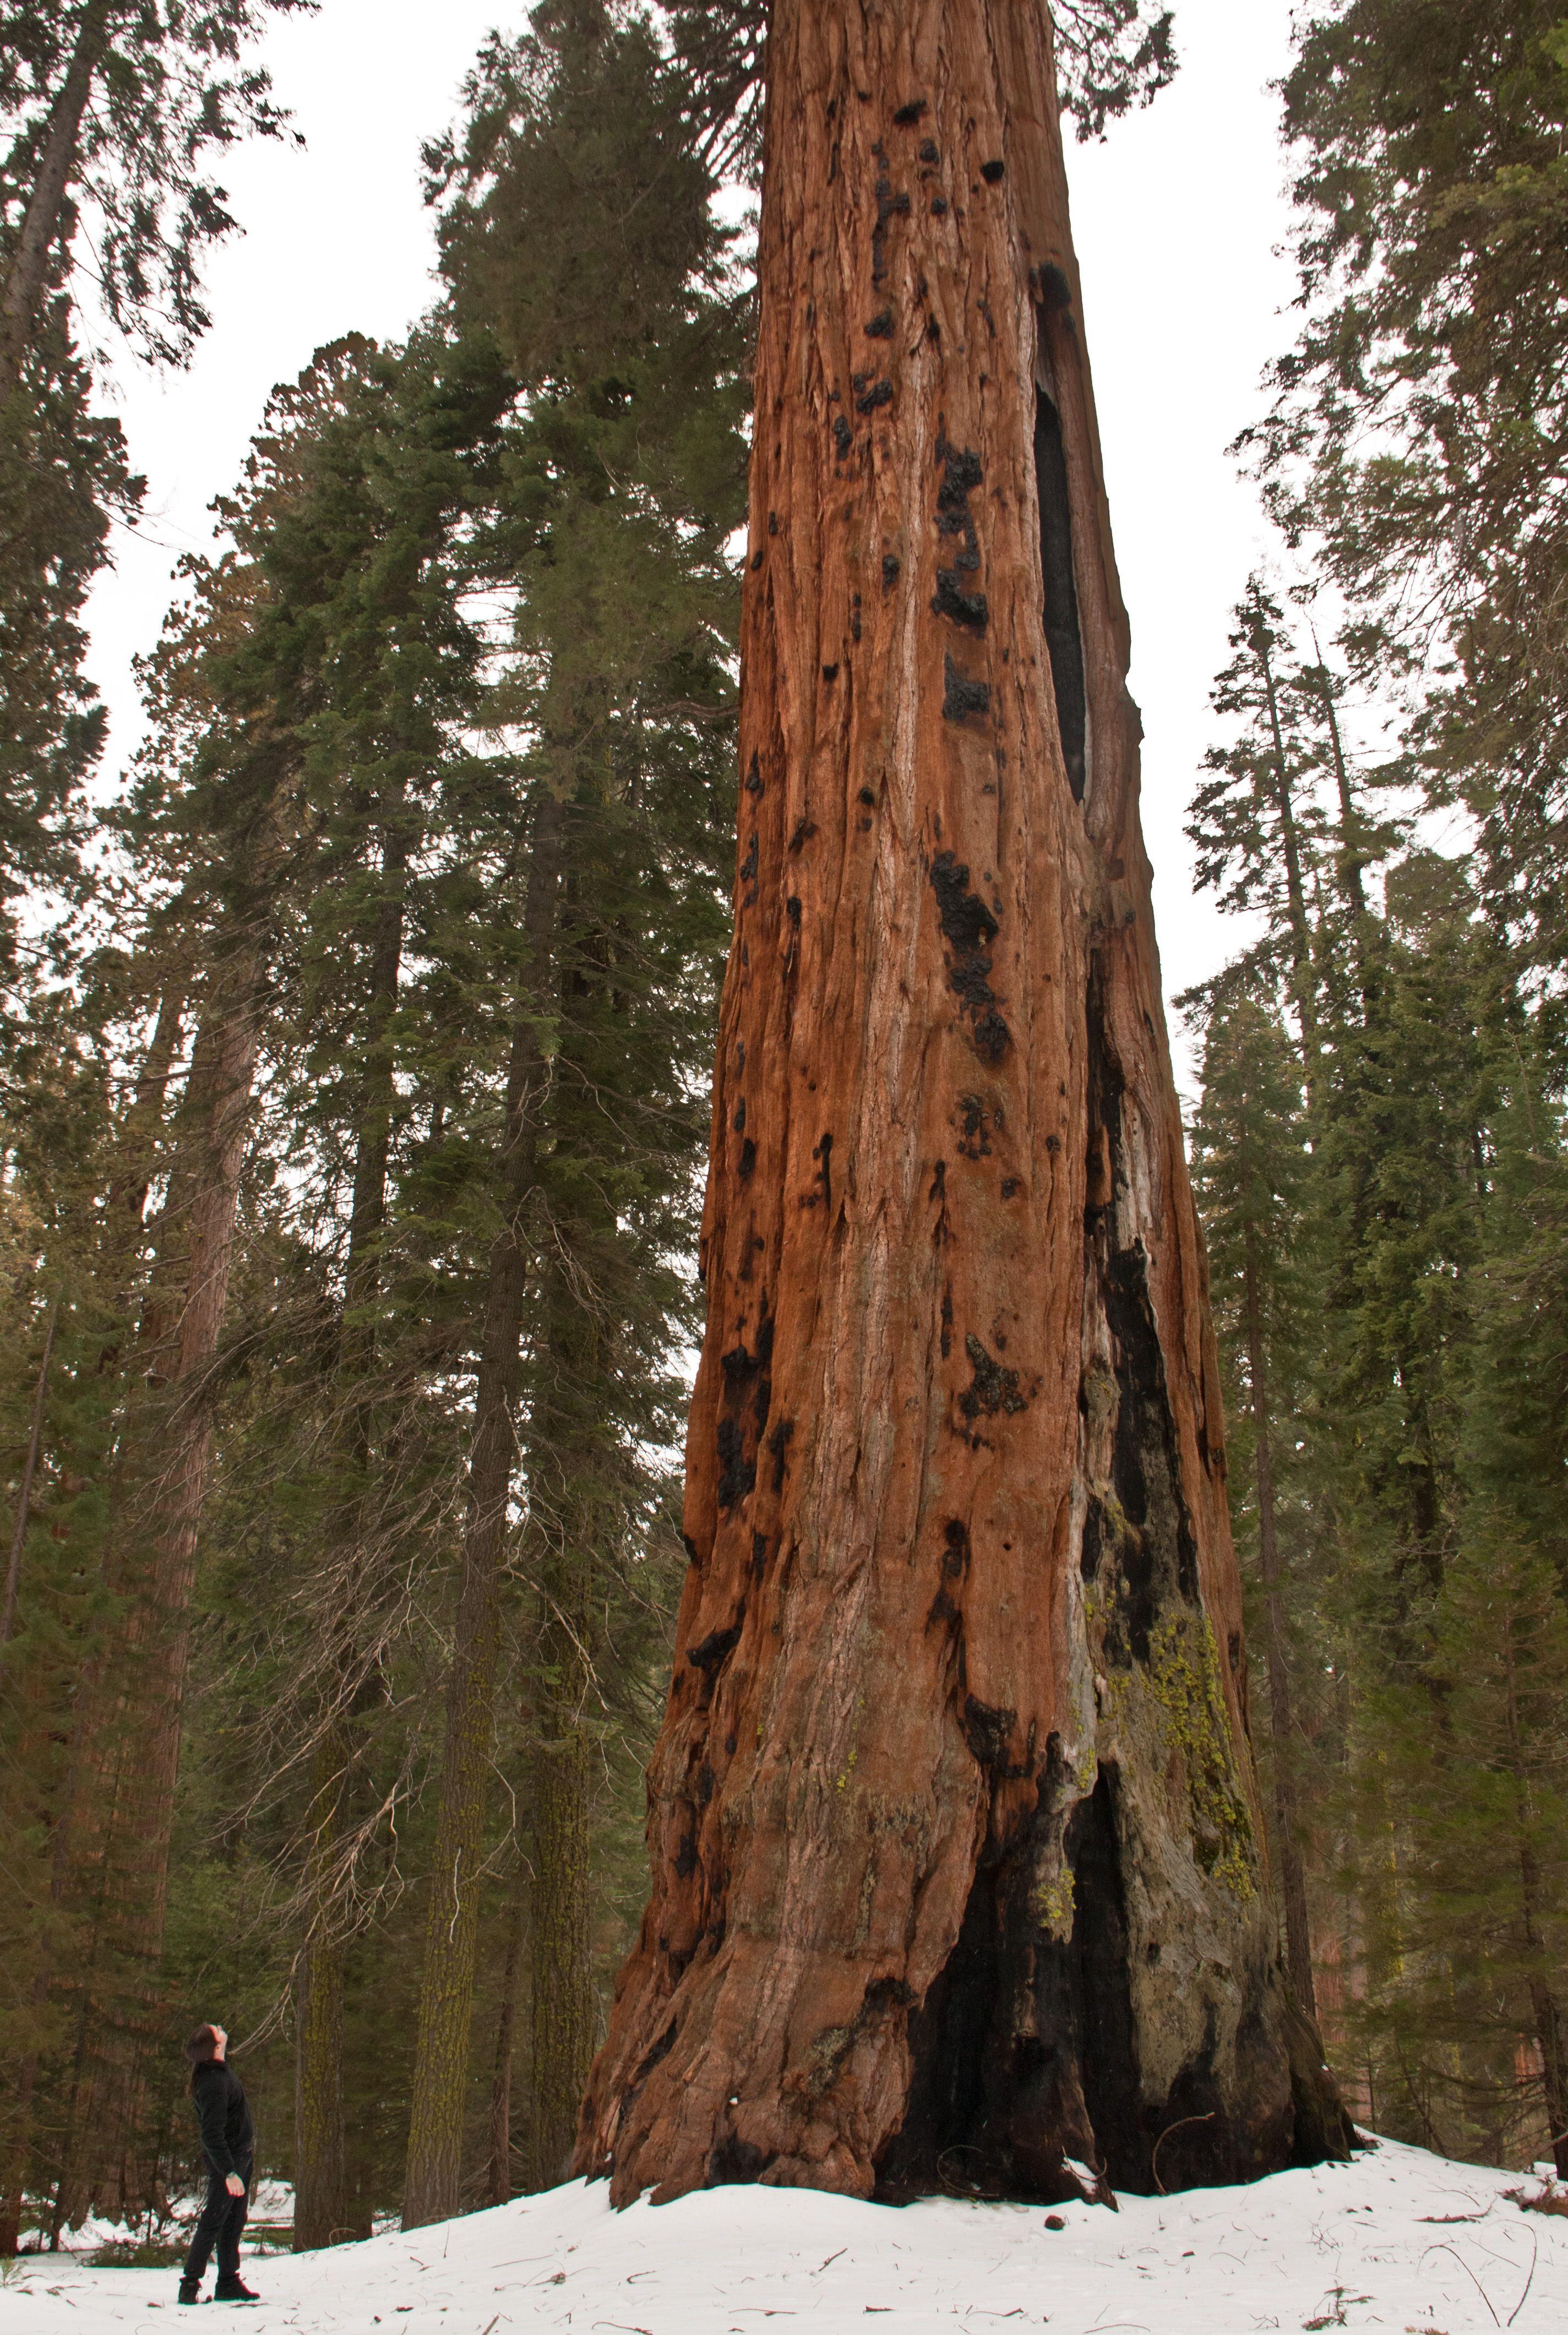 Sequoia National Park, California (2011)